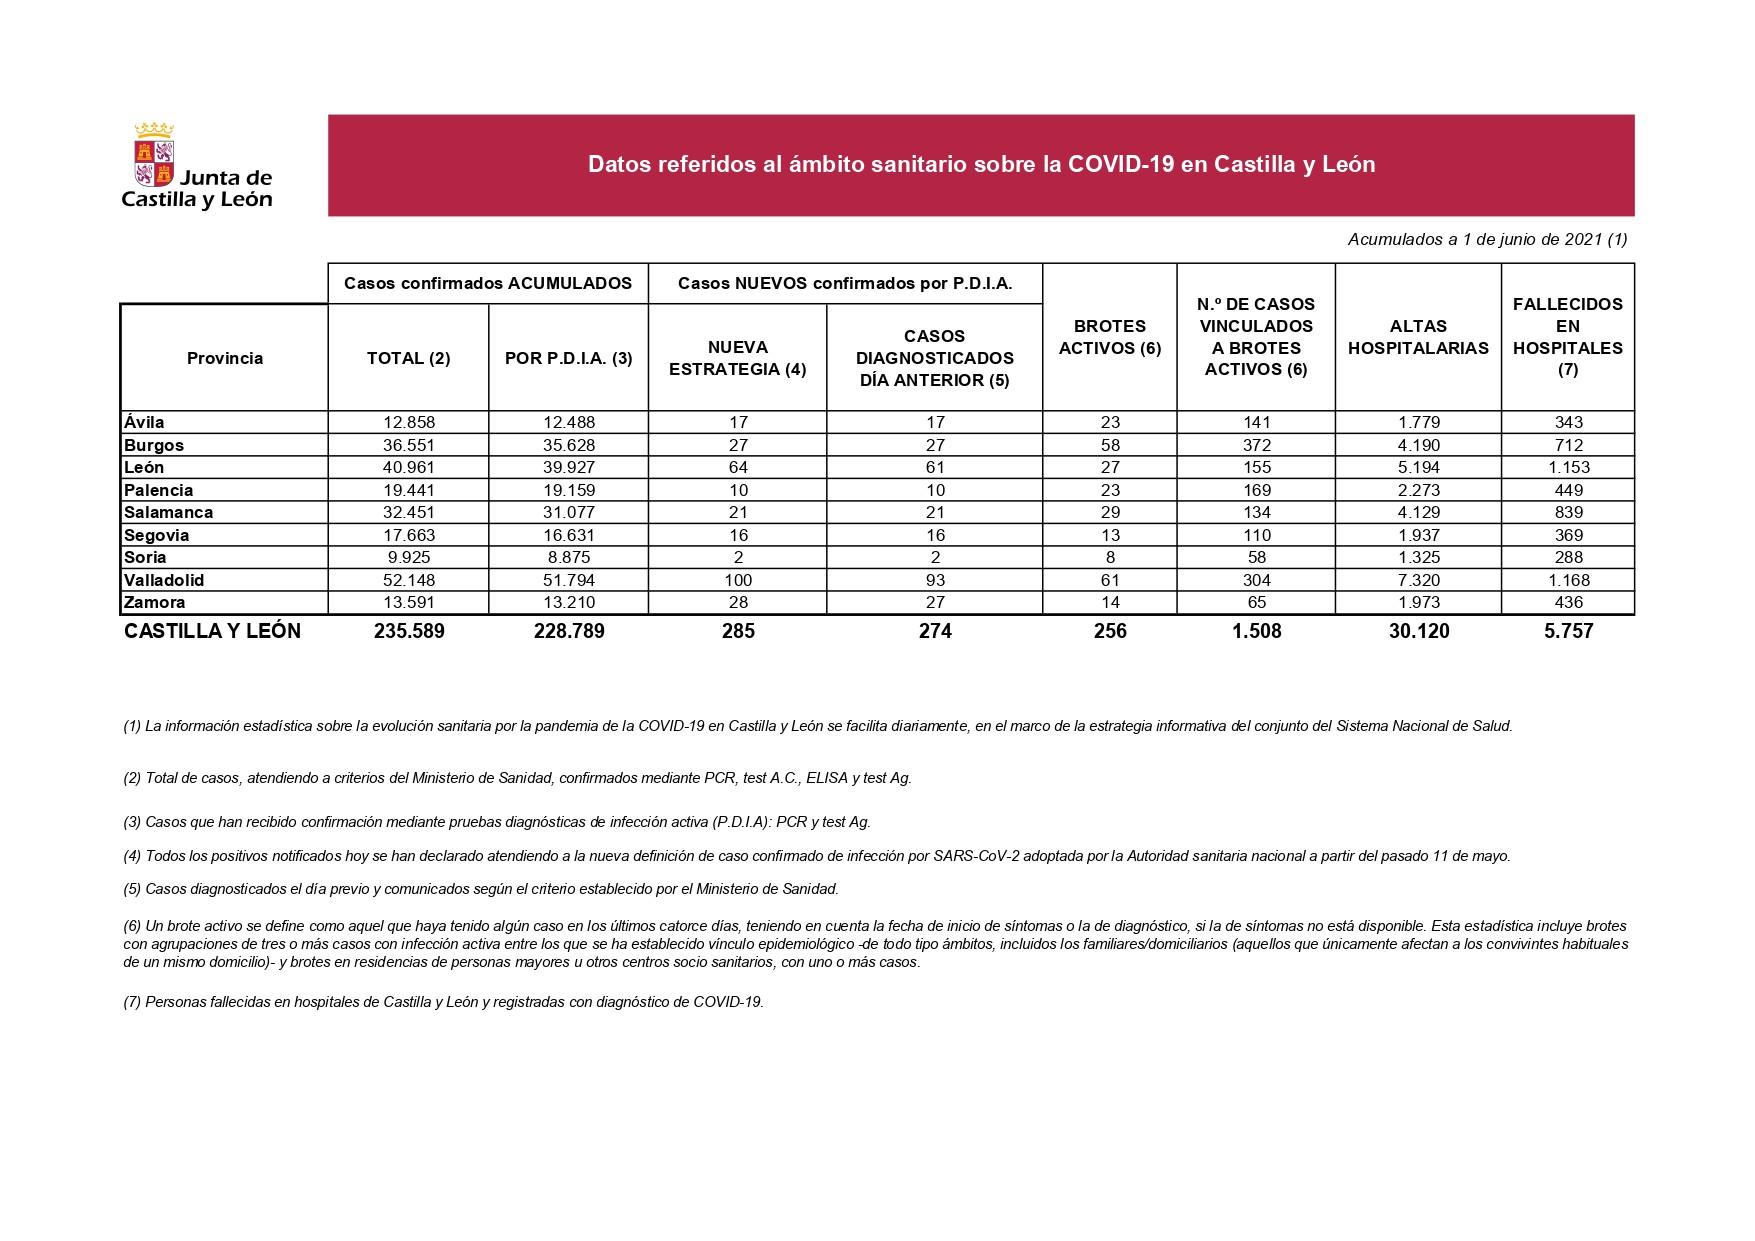 Datos del COVID 19 en Castilla y Leu00f3n el 1 de junio